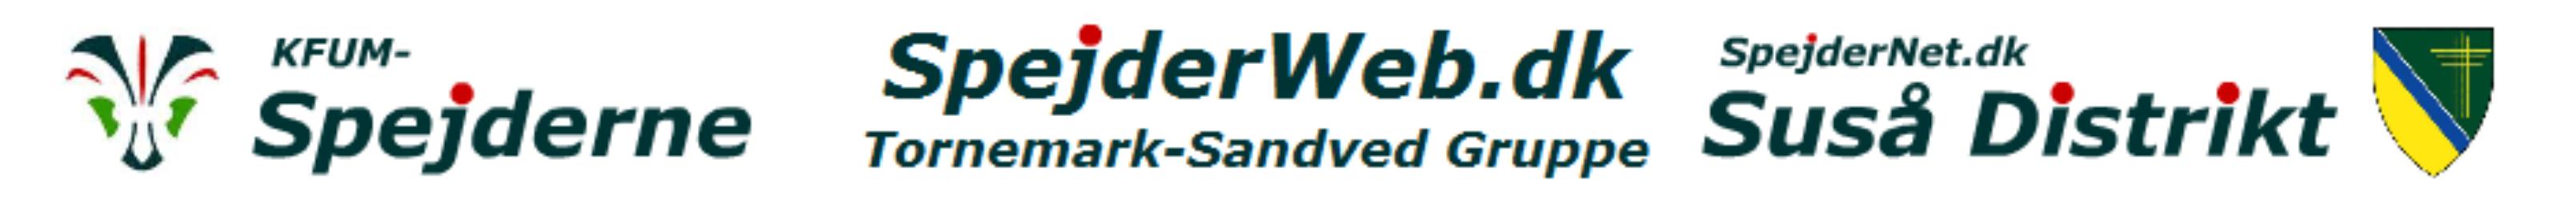 Spejderweb.dk | KFUM-Spejderne i Tornemark-Sandved Gruppe